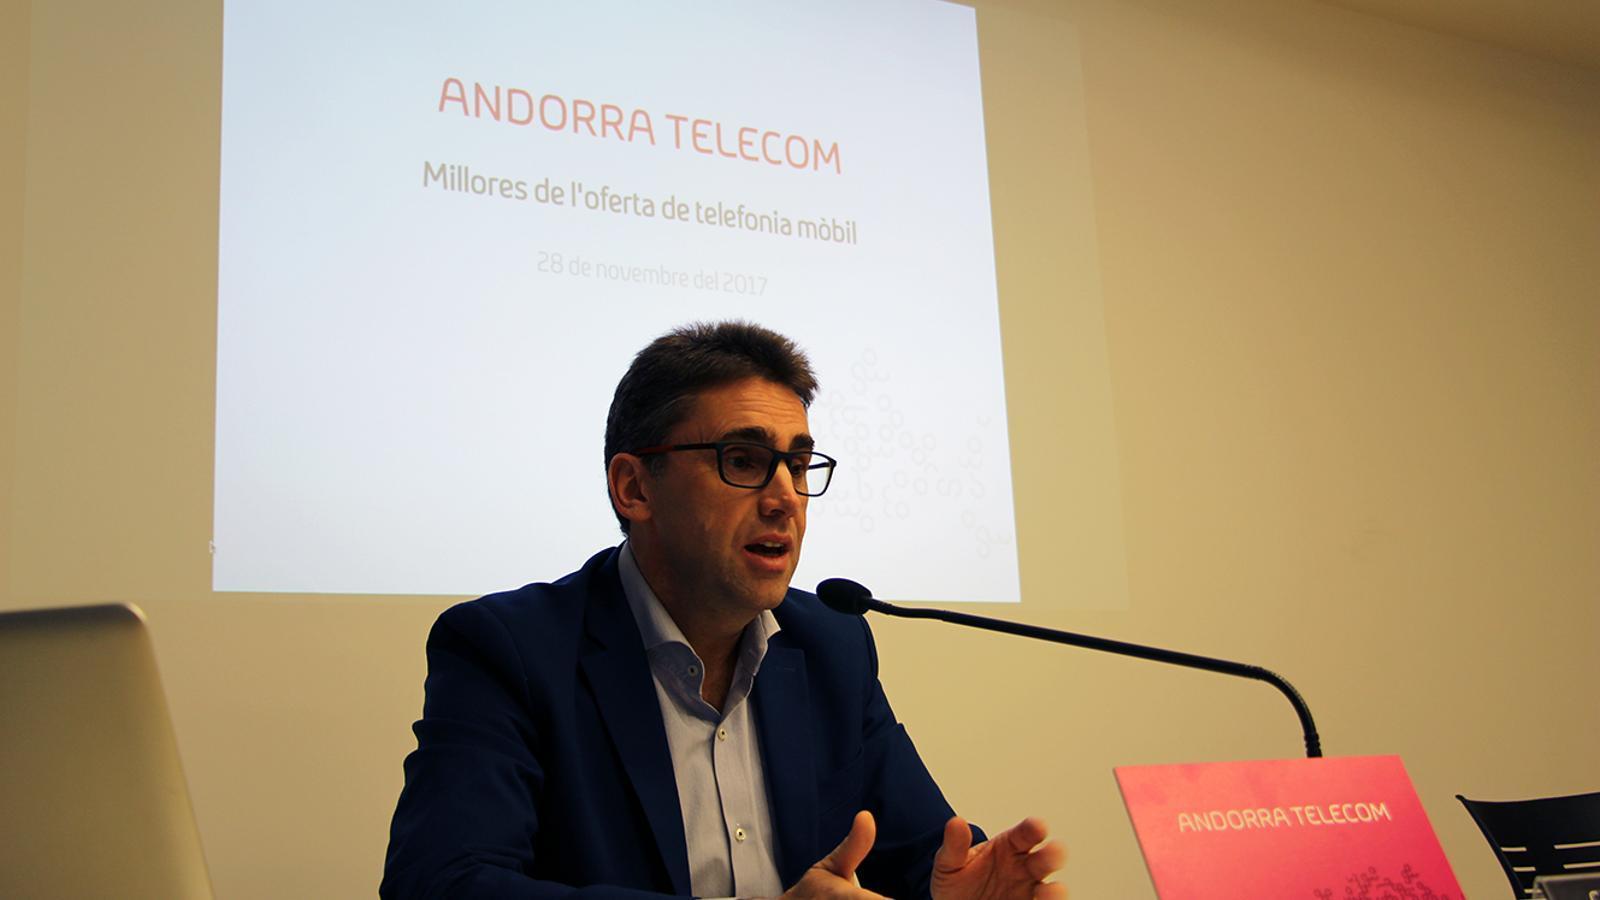 El portaveu d'Andorra Telecom, Carles Casadevall, durant la roda de premsa. / M. M. (ANA)